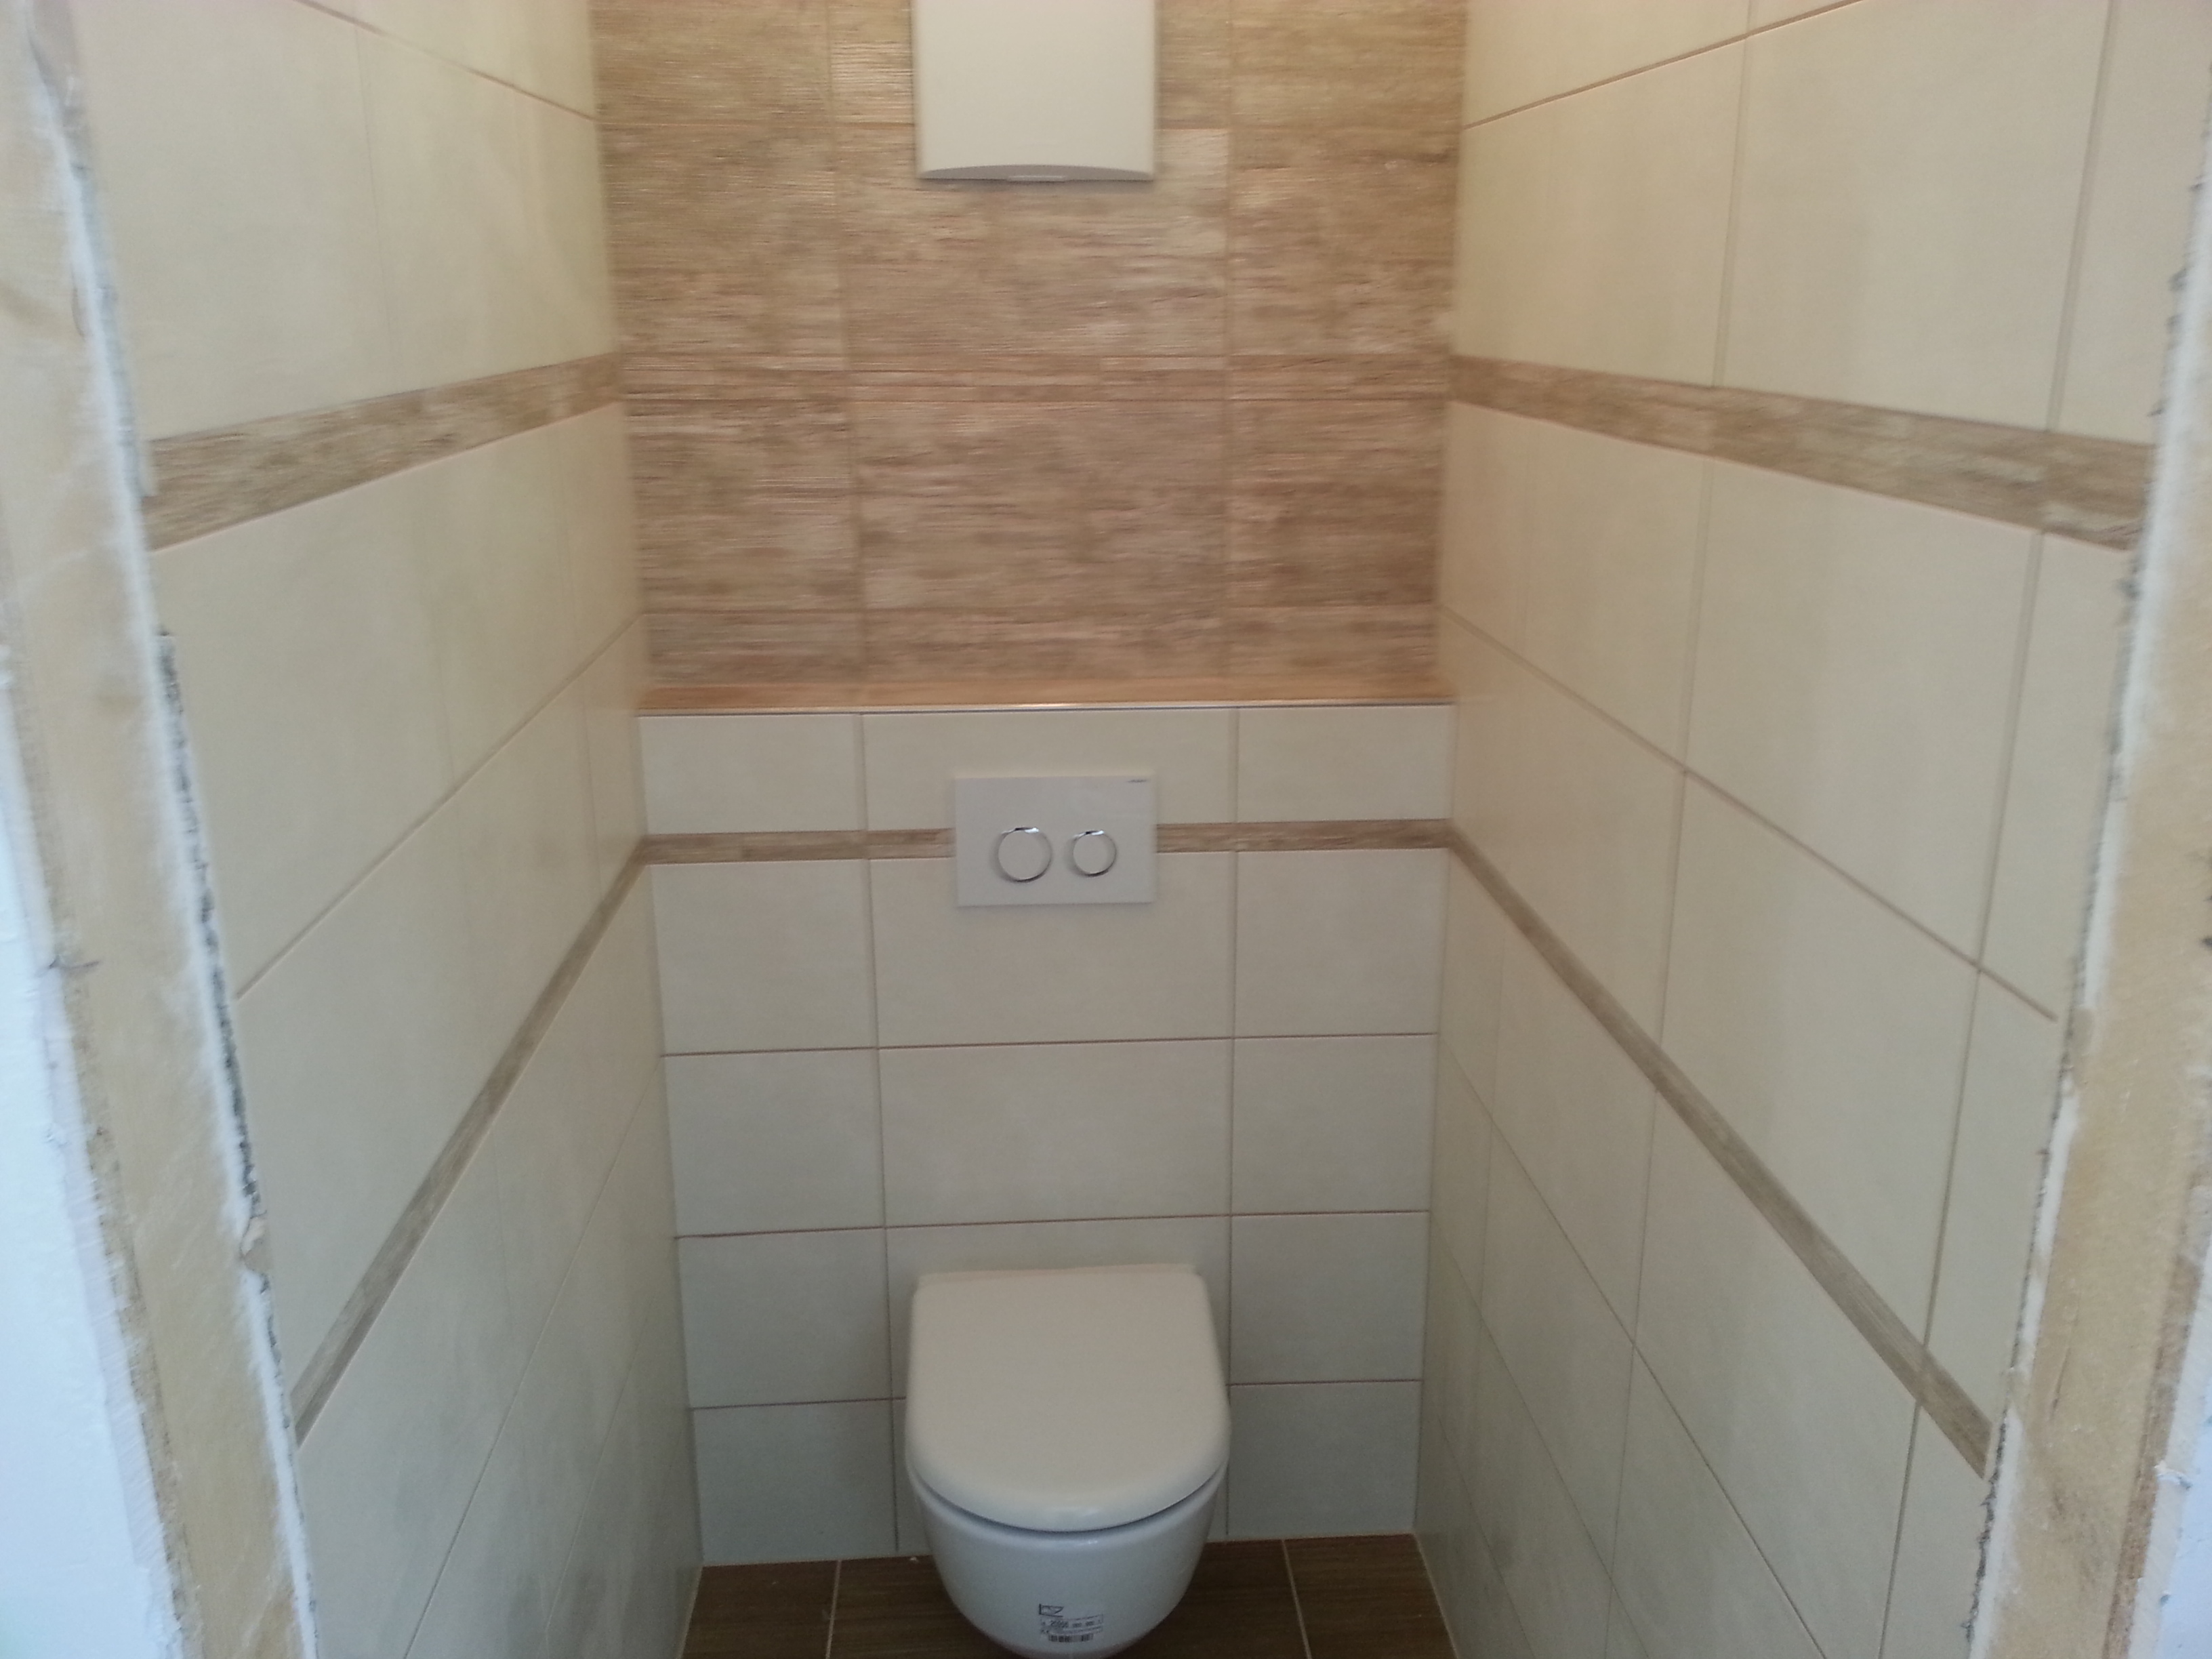 Bausteff Neubau Sanitar Installation Mitter Gmbh